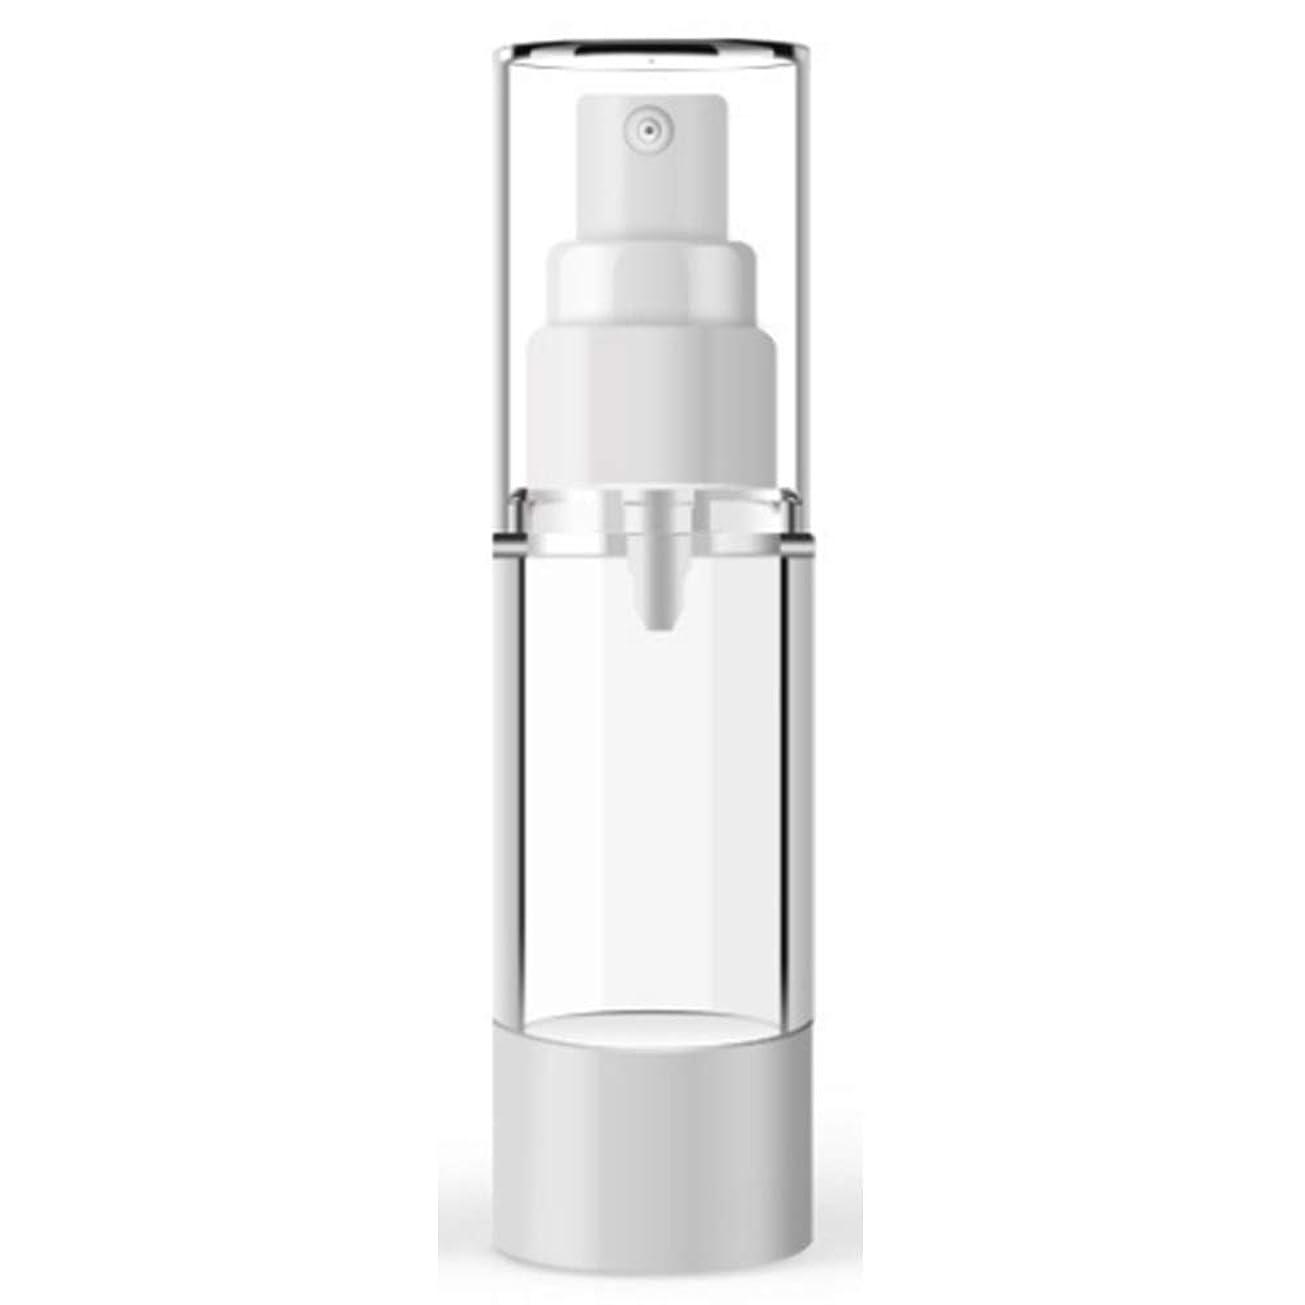 最も遠いディスクブルームPearrys スプレーボトル アルコール 新型コロナウイルス対策 15ミリリットル - 100ミリリットルプラスチック化粧品ボトル詰め替えボトルエマルジョンスプレー透明エアレスポンプ 除菌 消毒 虫除け真空容器 15ml flat mouth vacuum spray bottle